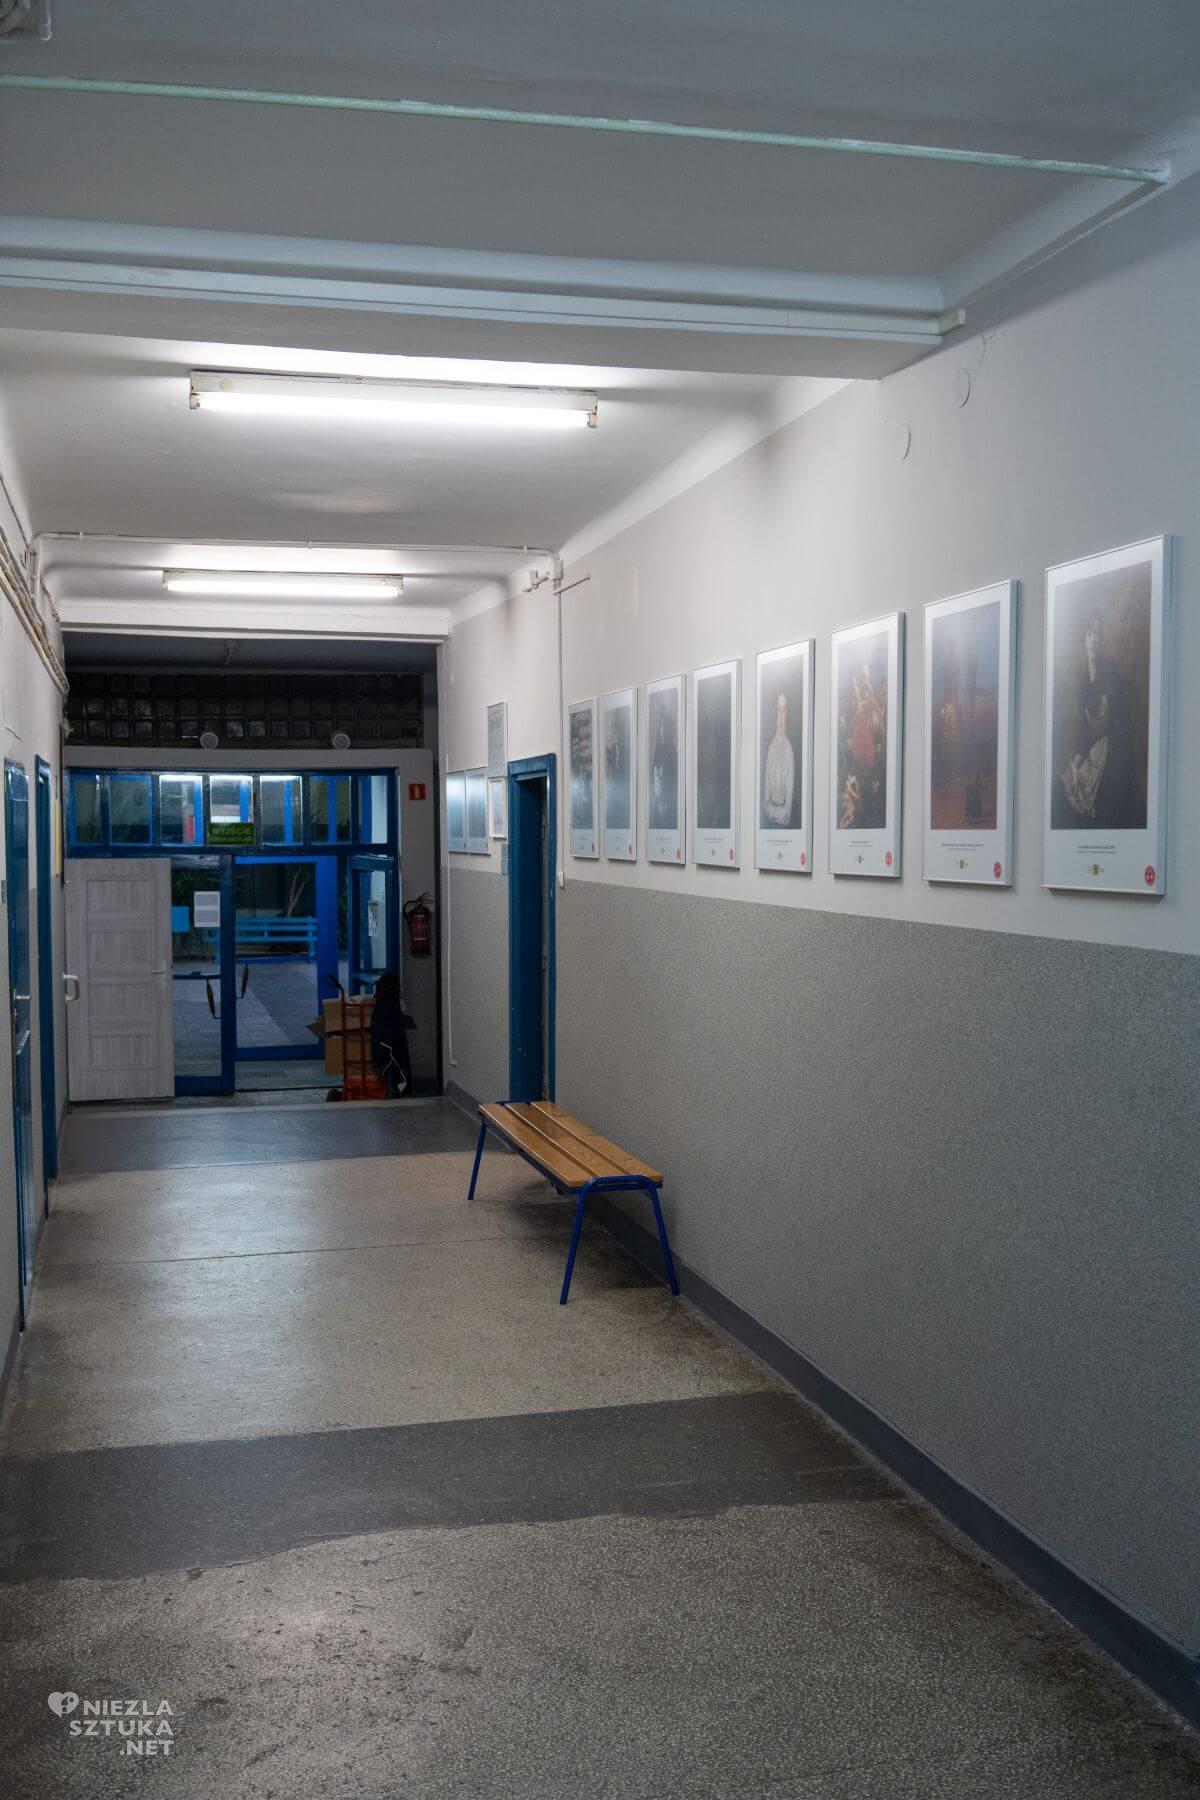 XXIII Liceum Ogólnokształcące im. ks. prof. J. Tischnera w Łodzi, Muzeum w Liceum, Niezła sztuka